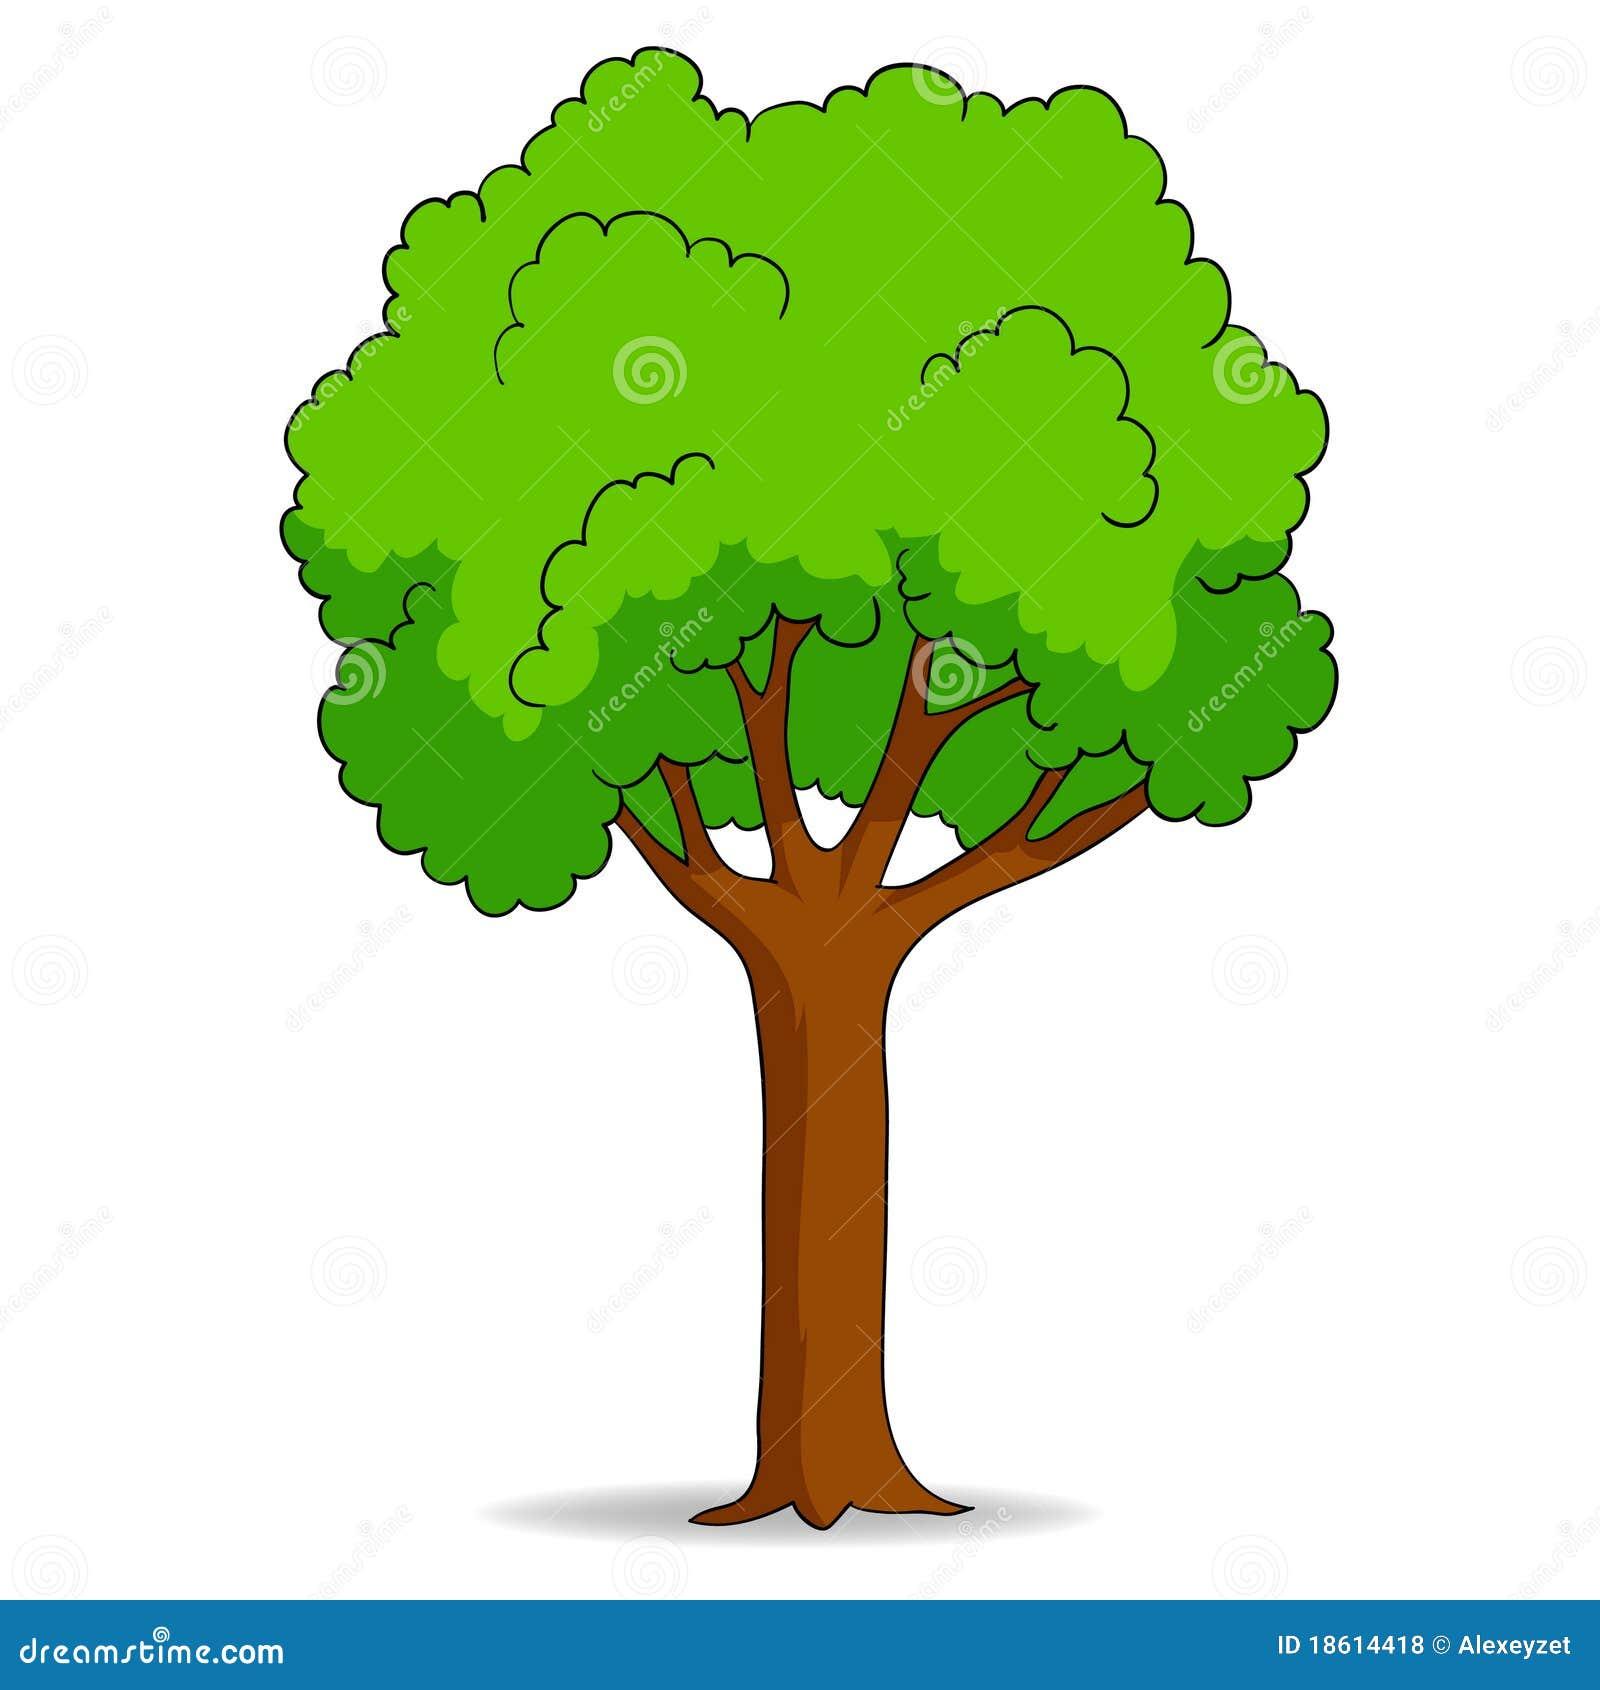 Cartoon tree isolated on white background